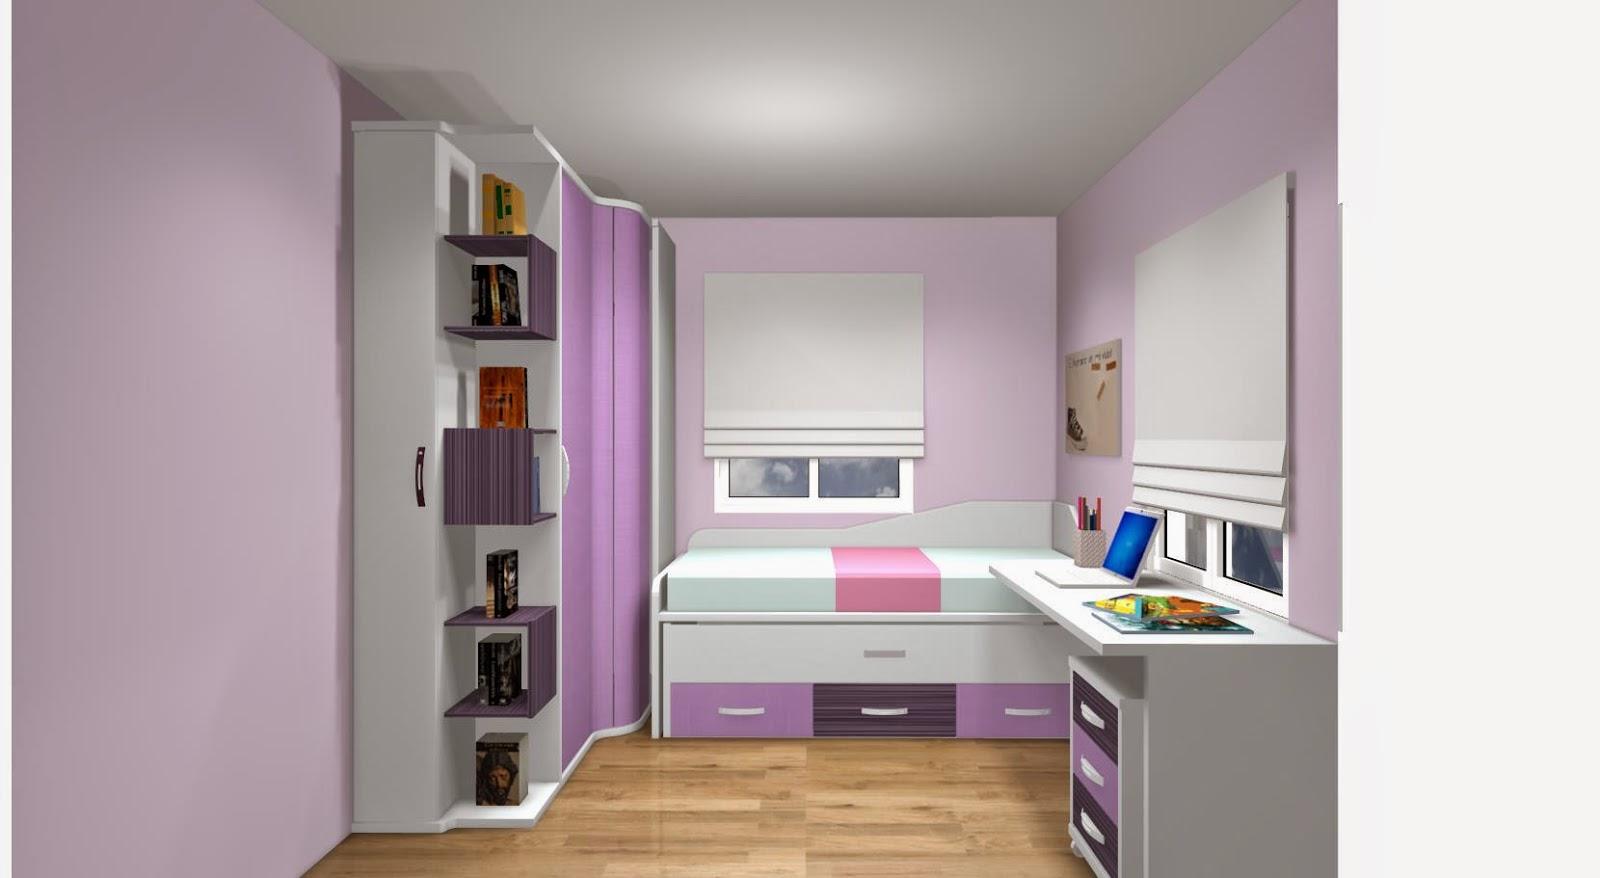 Tienda muebles modernos muebles de salon modernos salones de dise o madrid opciones de - Distribucion habitacion juvenil ...